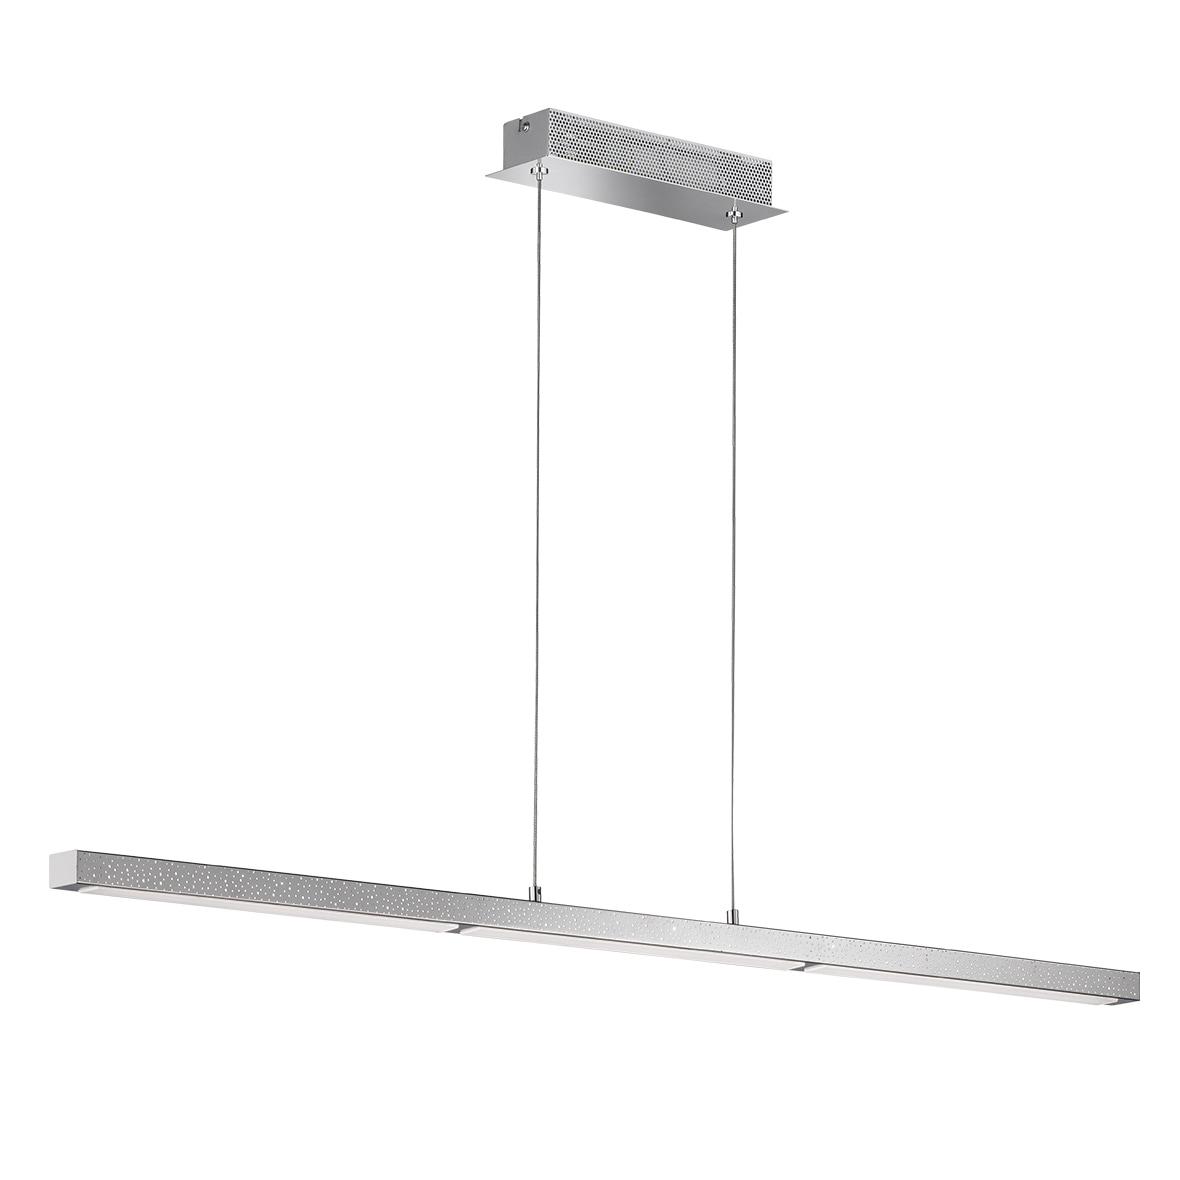 WOFI LED Deckenleuchte Levi, LED-Board, Warmweiß